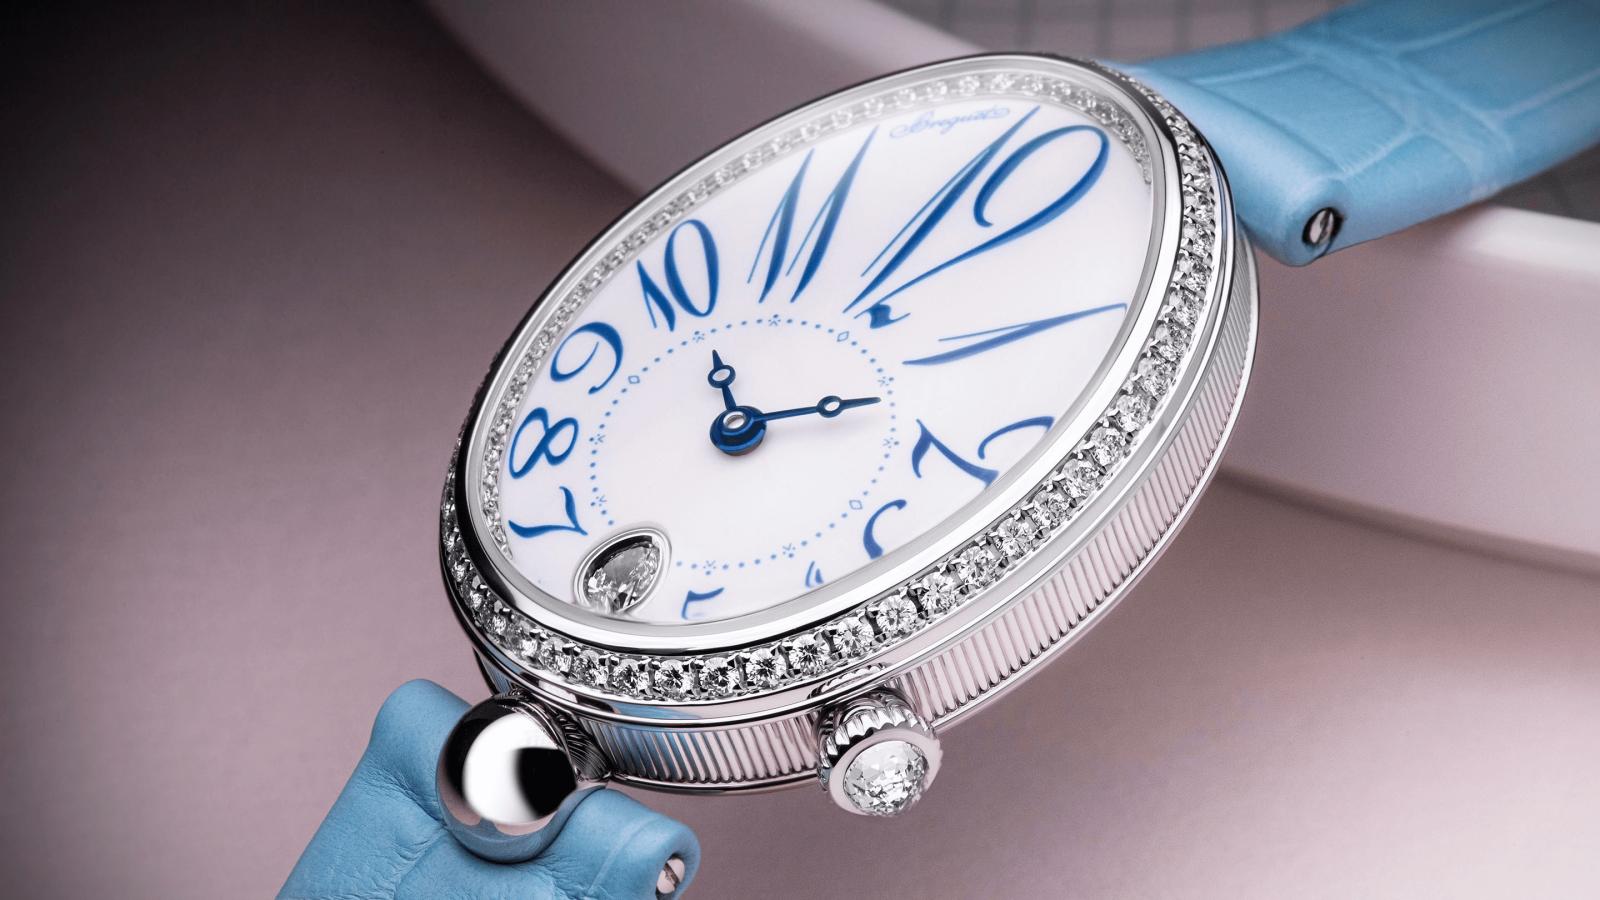 đồng hồ nữ mặt số oval breguet reine de naples 8918 năm 2020